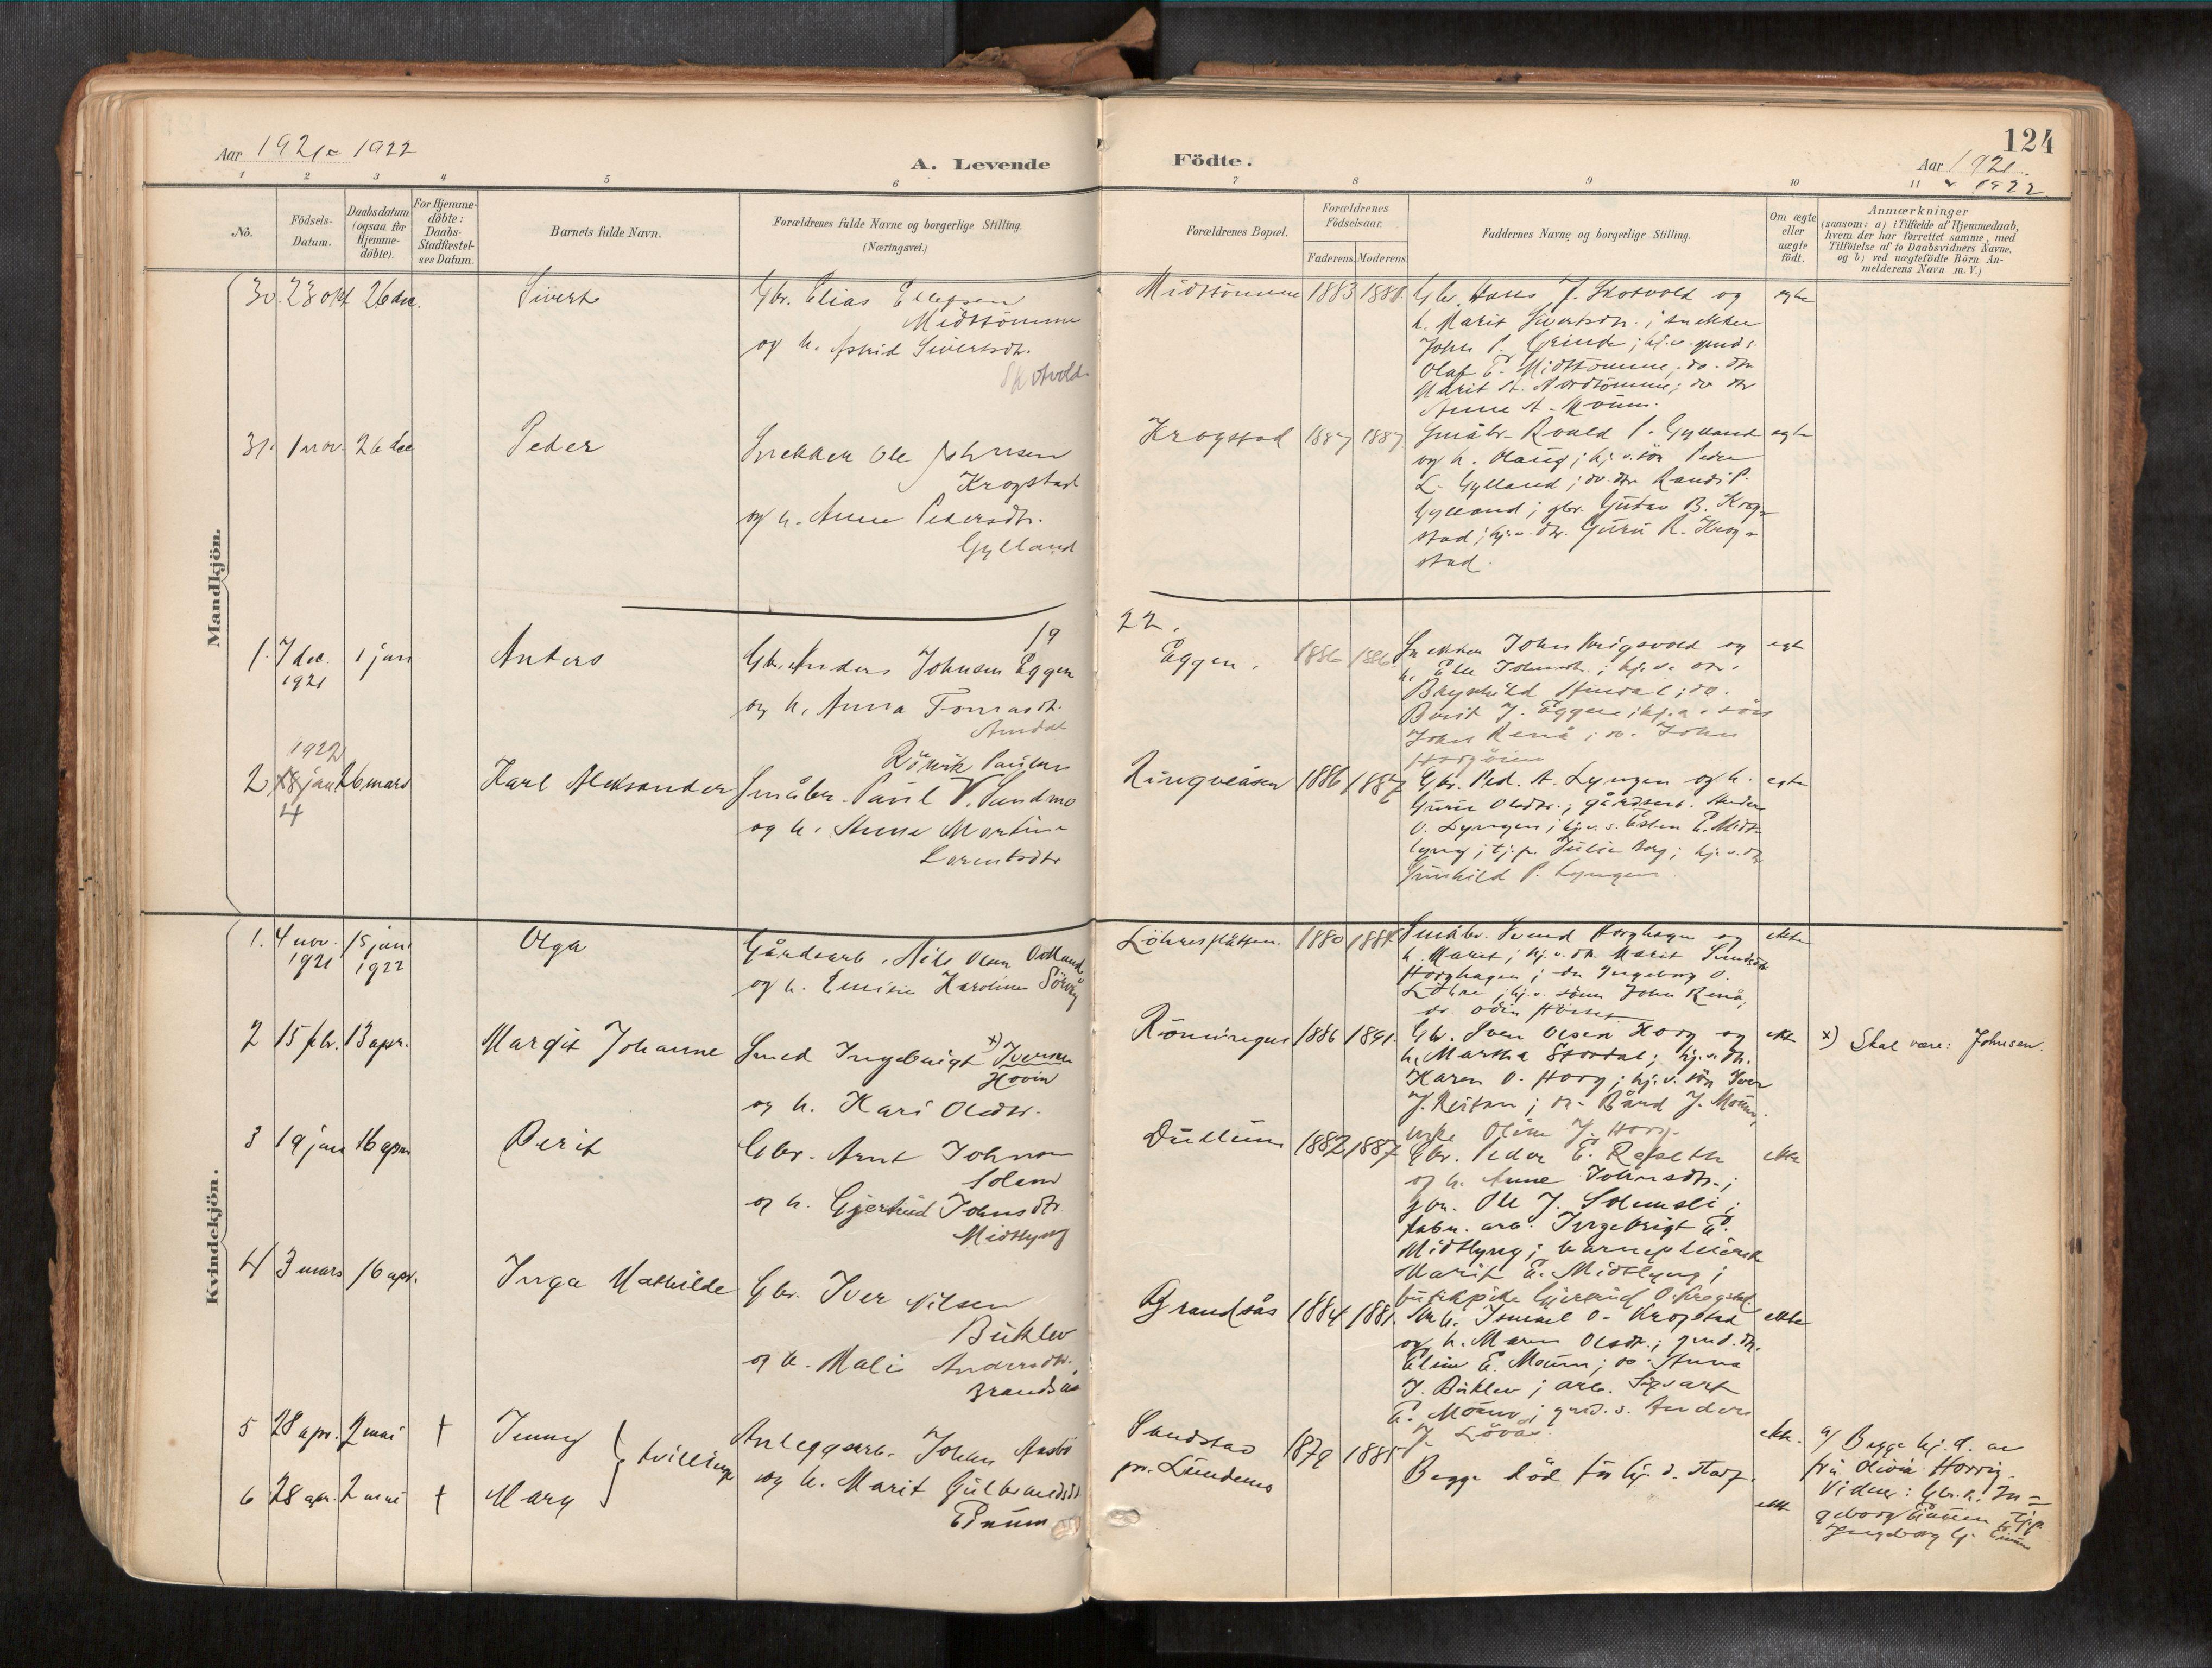 SAT, Ministerialprotokoller, klokkerbøker og fødselsregistre - Sør-Trøndelag, 692/L1105b: Ministerialbok nr. 692A06, 1891-1934, s. 124